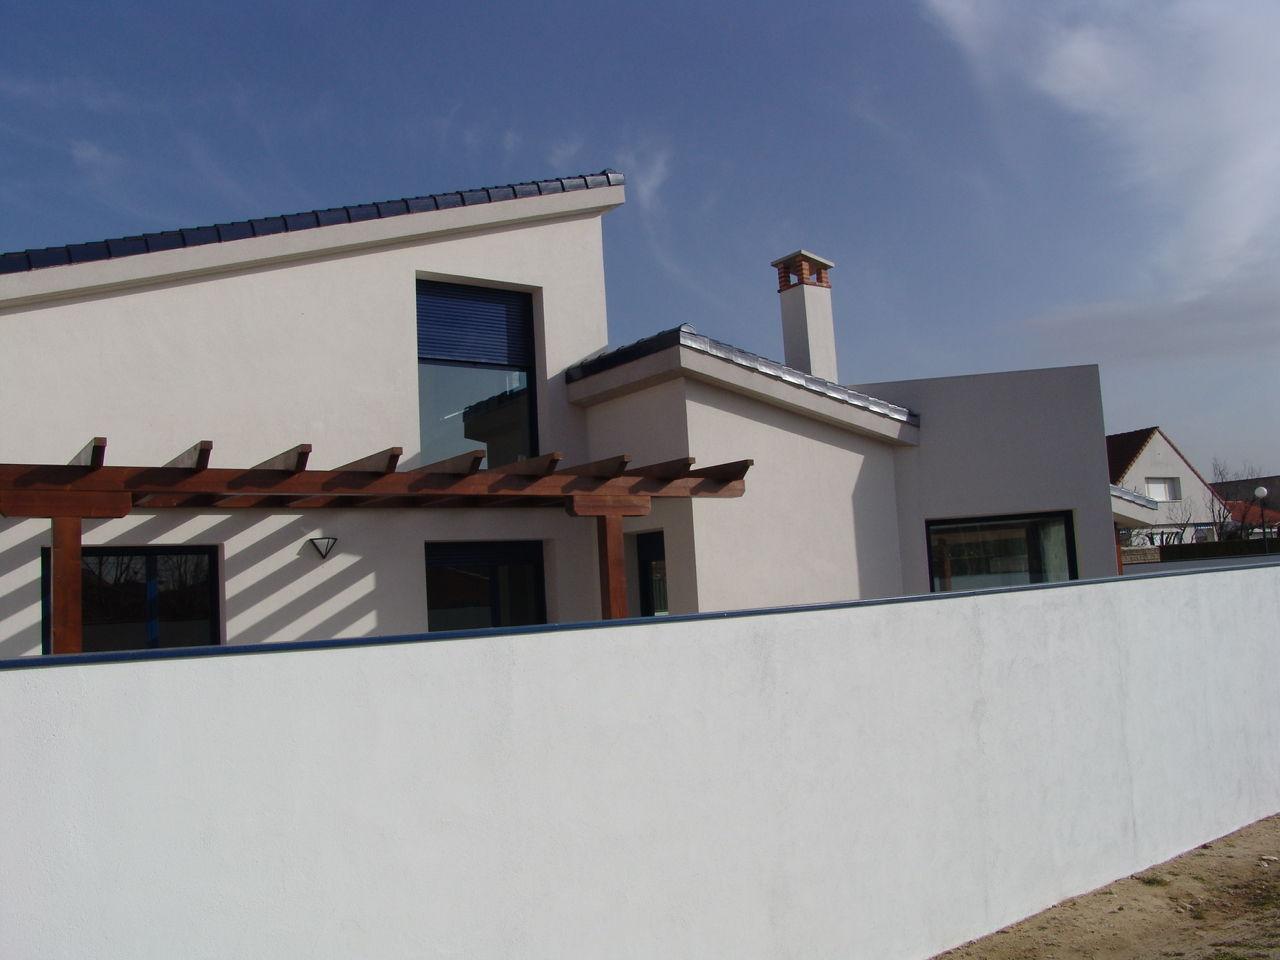 Foto 16 de Arquitectos en Zamora | Mascasas Arquitectura Joven